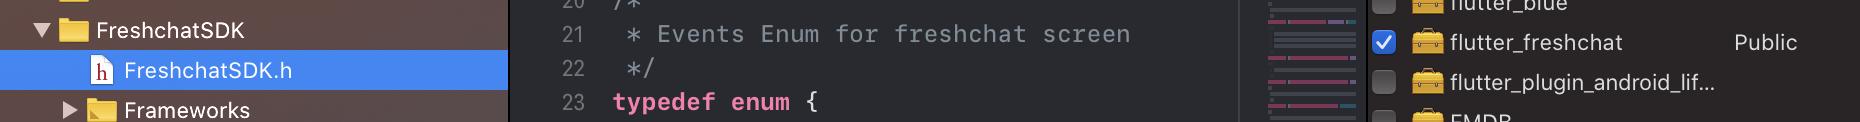 FreshchatSDK_fix